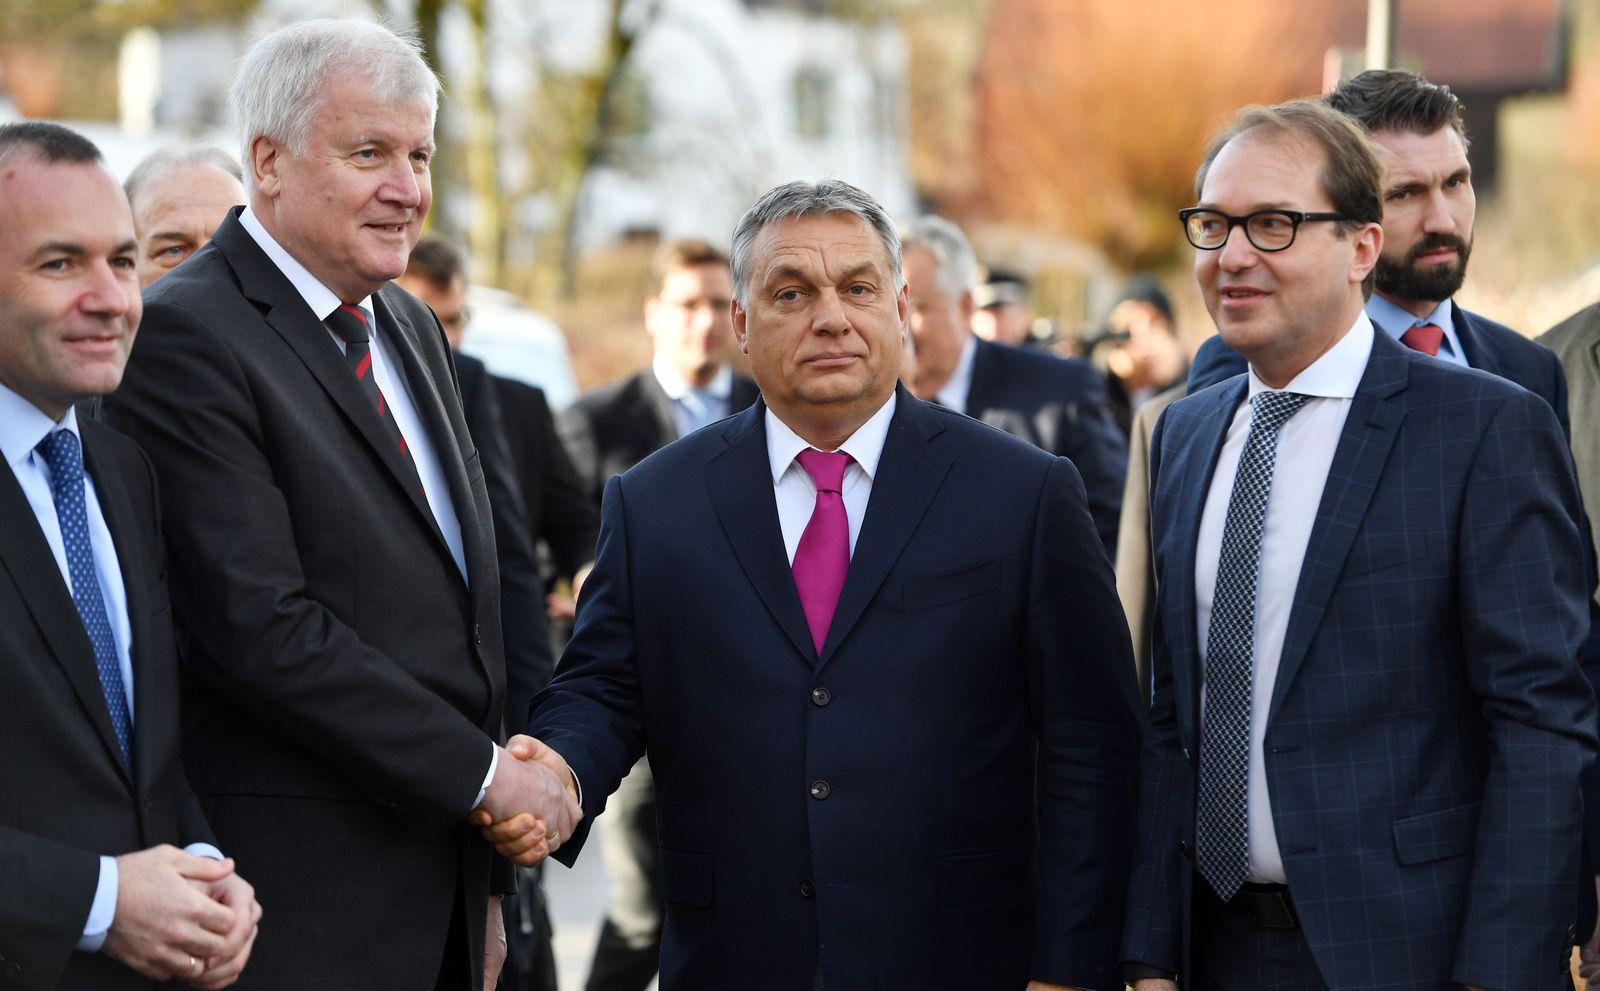 CSU/ Horst Seehofer/ Alexander Dobrindt / Viktor Orban